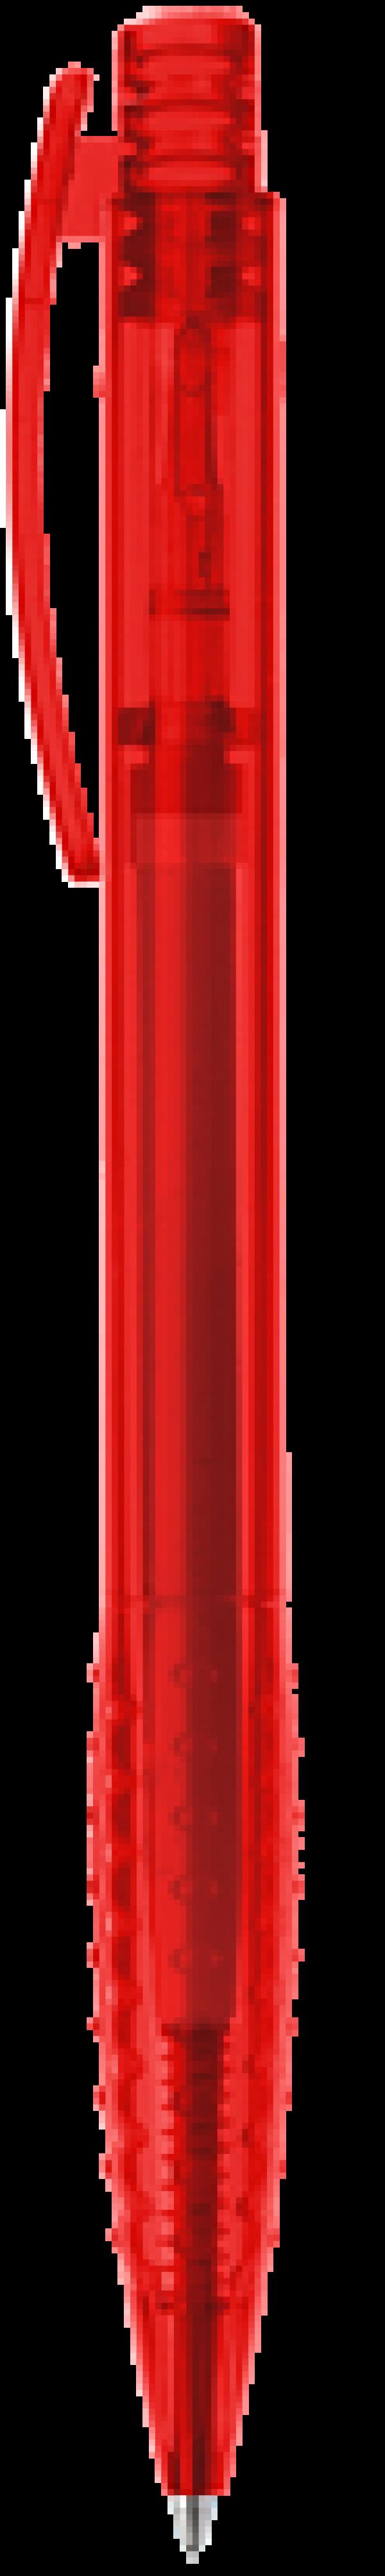 Шариковая ручка r 0-0003 T X-TASY transparent